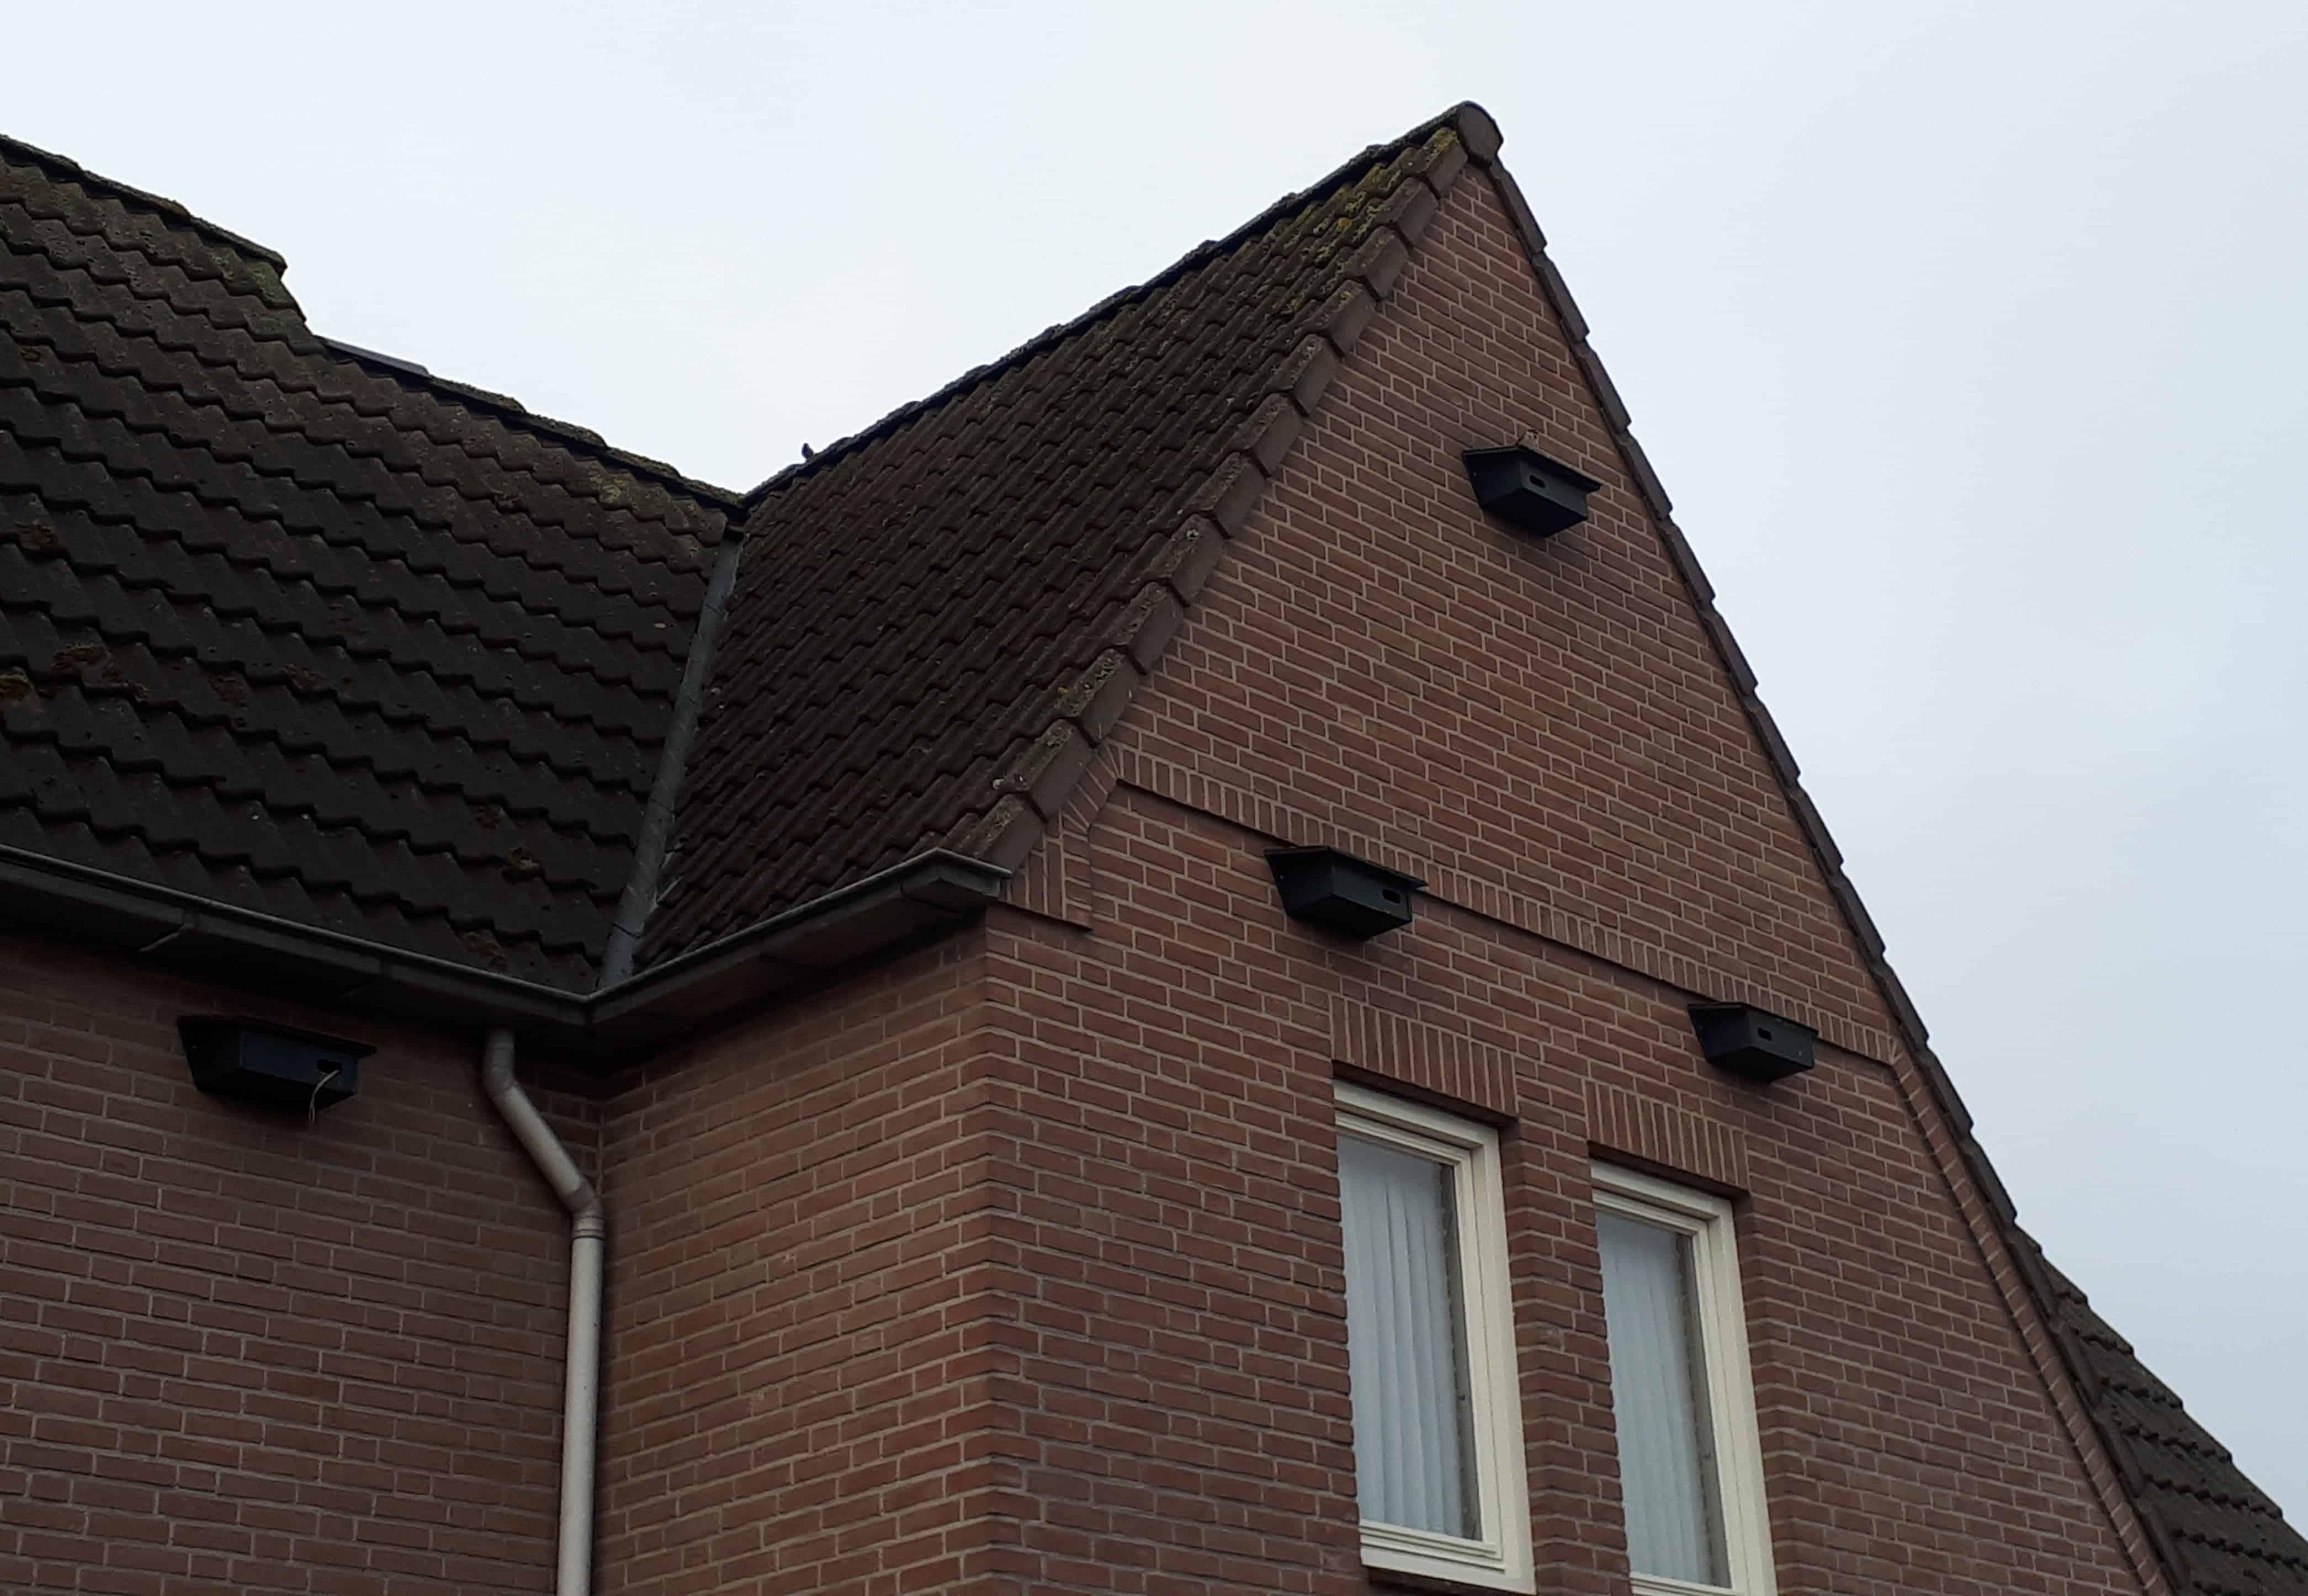 Gierzwaluwkasten beschermde soorten renovatie en sloop natuurinclusief bouwen